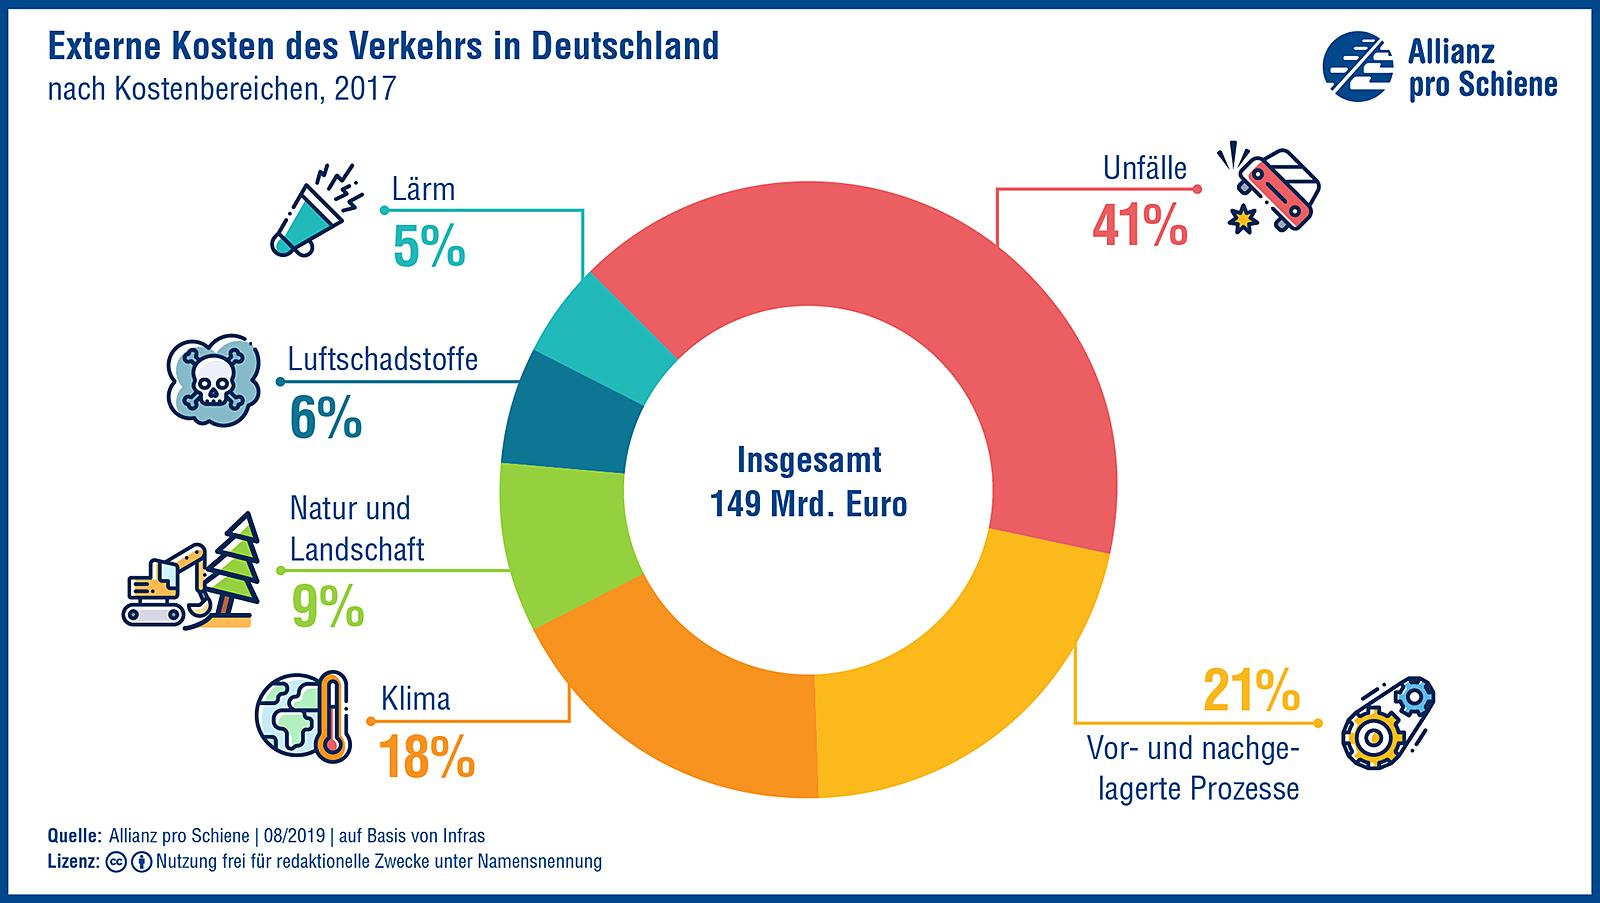 Externe Kosten des Verkehrs in Deutschland zeigen: Wir brauchen eine wirkliche Verkehrswende.